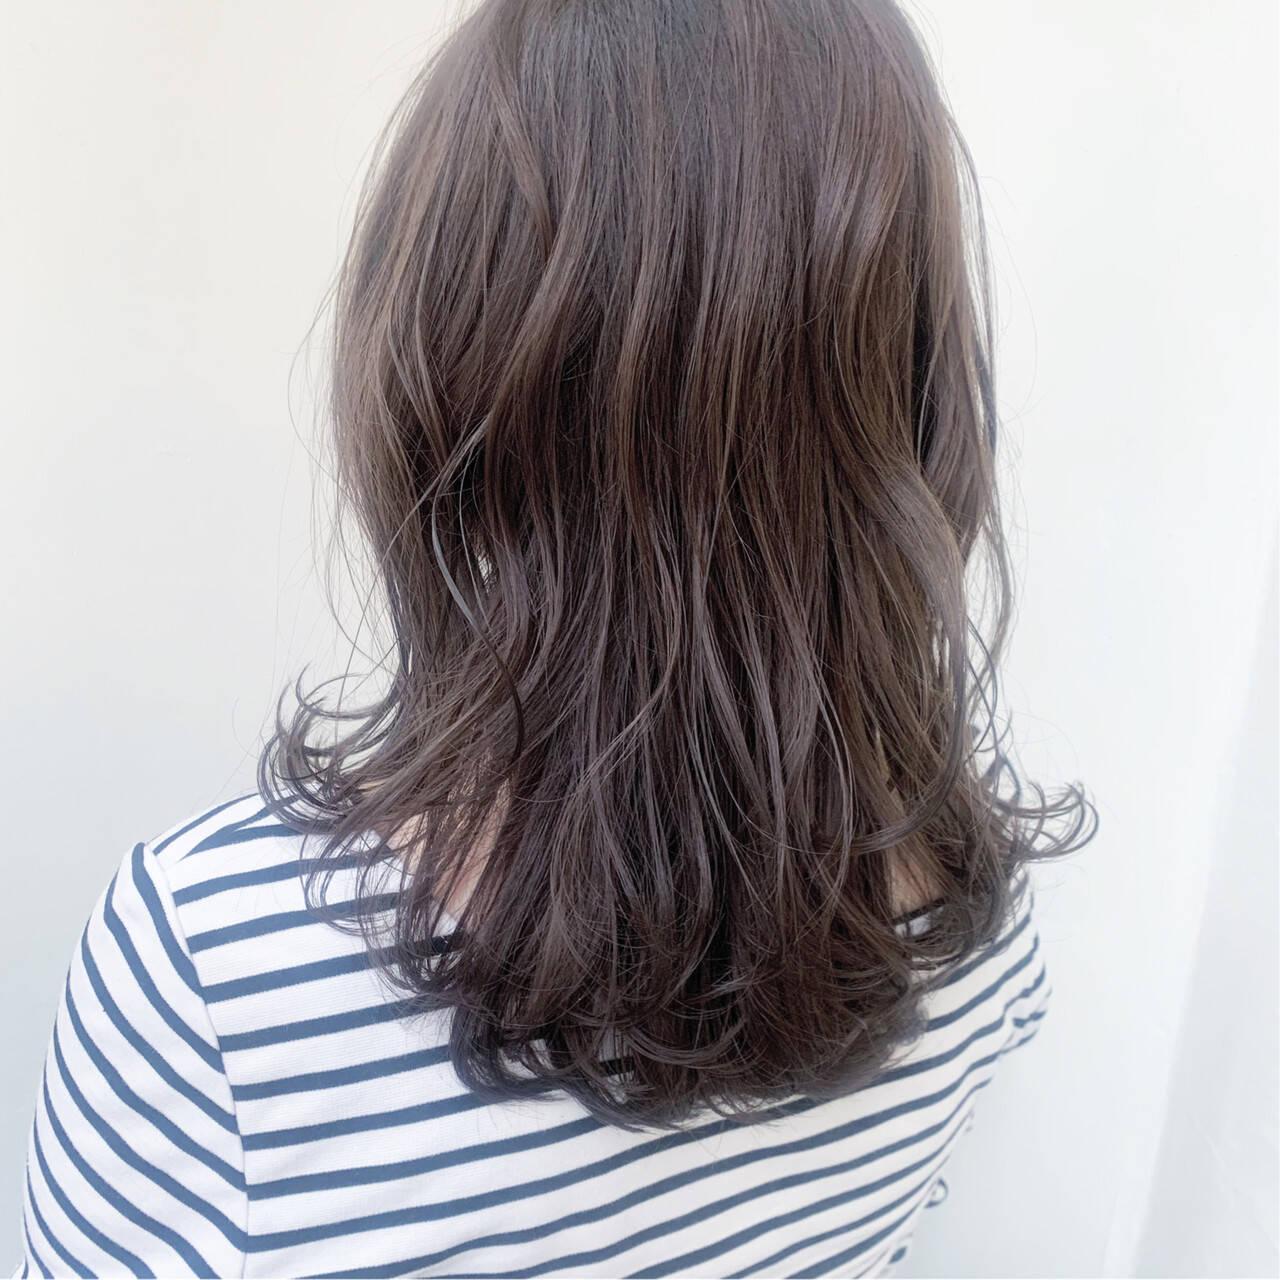 ダブルカラー ブルーアッシュ 透明感カラー 透明感ヘアスタイルや髪型の写真・画像